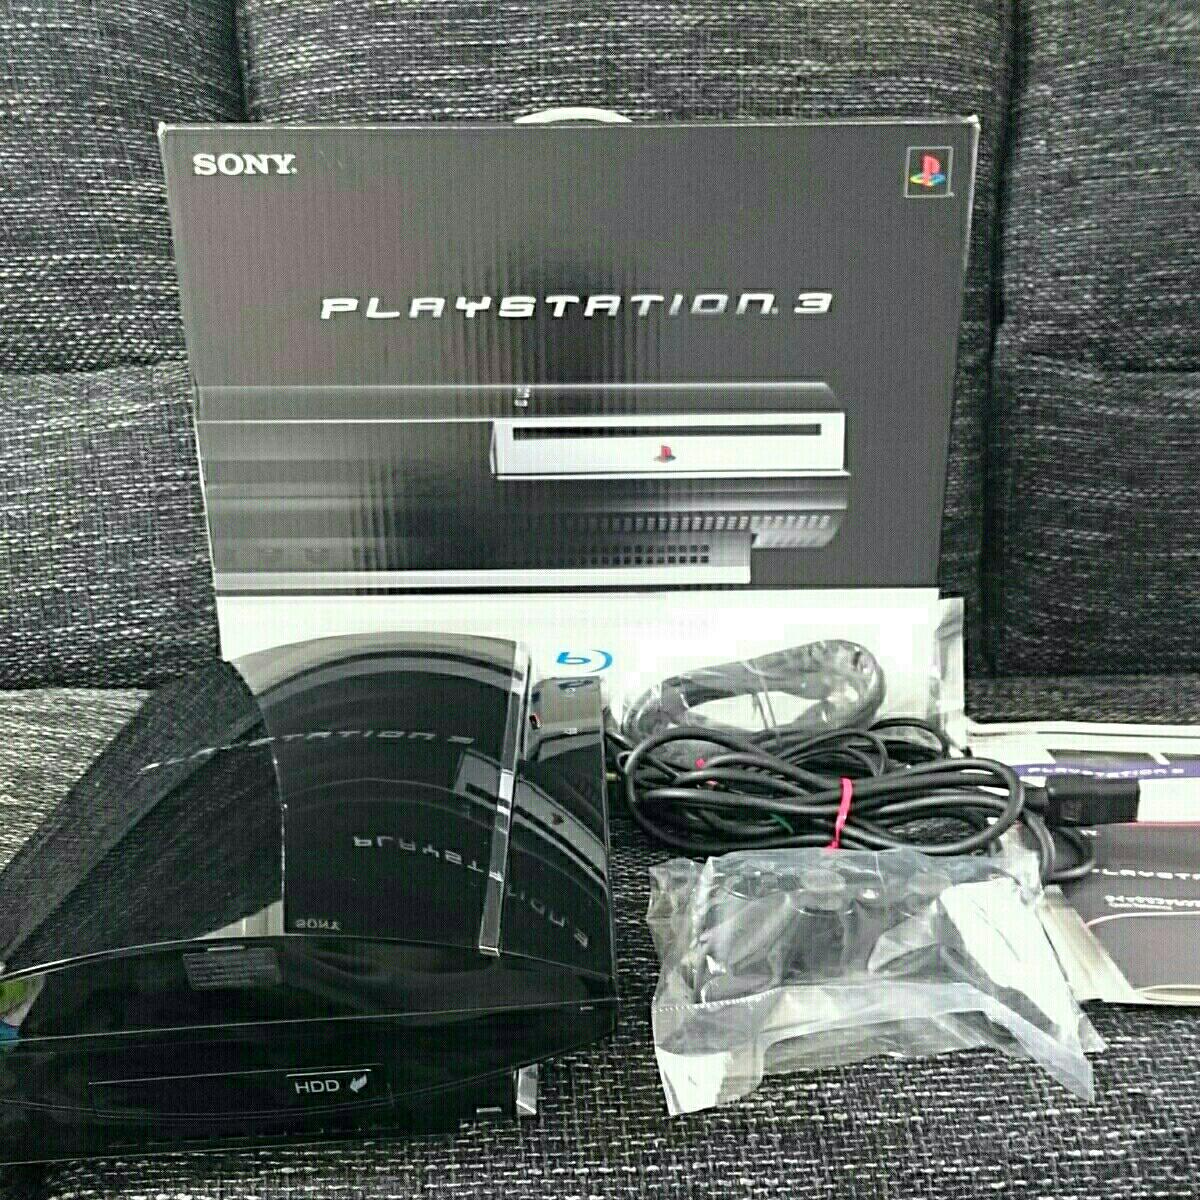 【動作確認済】初期型 PS3 プレイステーション 60G 付属品完備 FW4.78 CECHA00